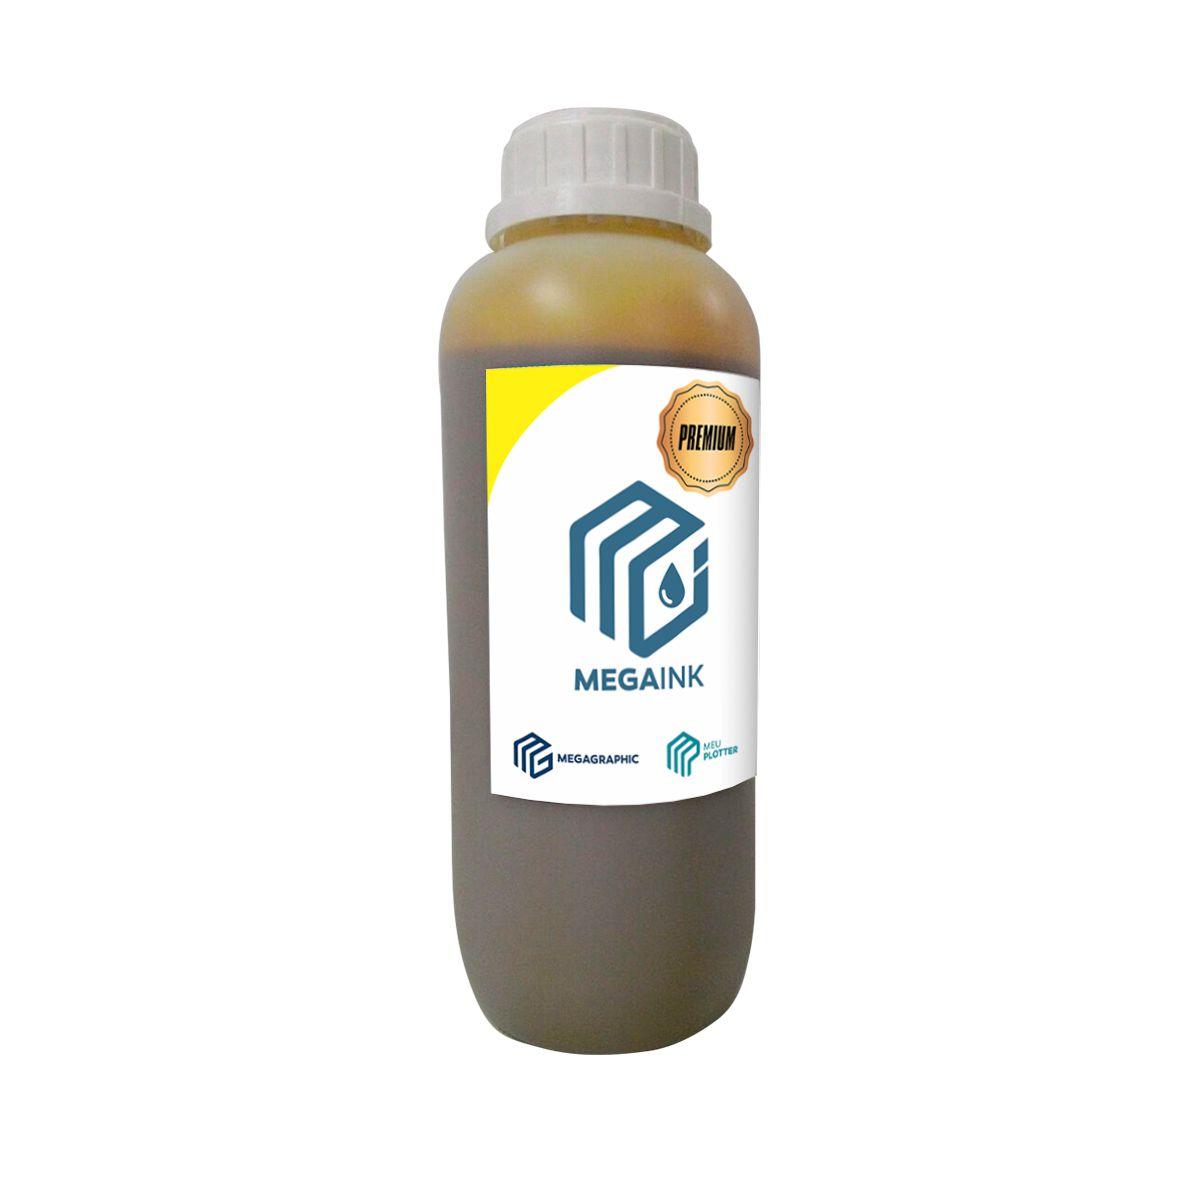 Amarelo - MEGAINK 14 PREMIUM